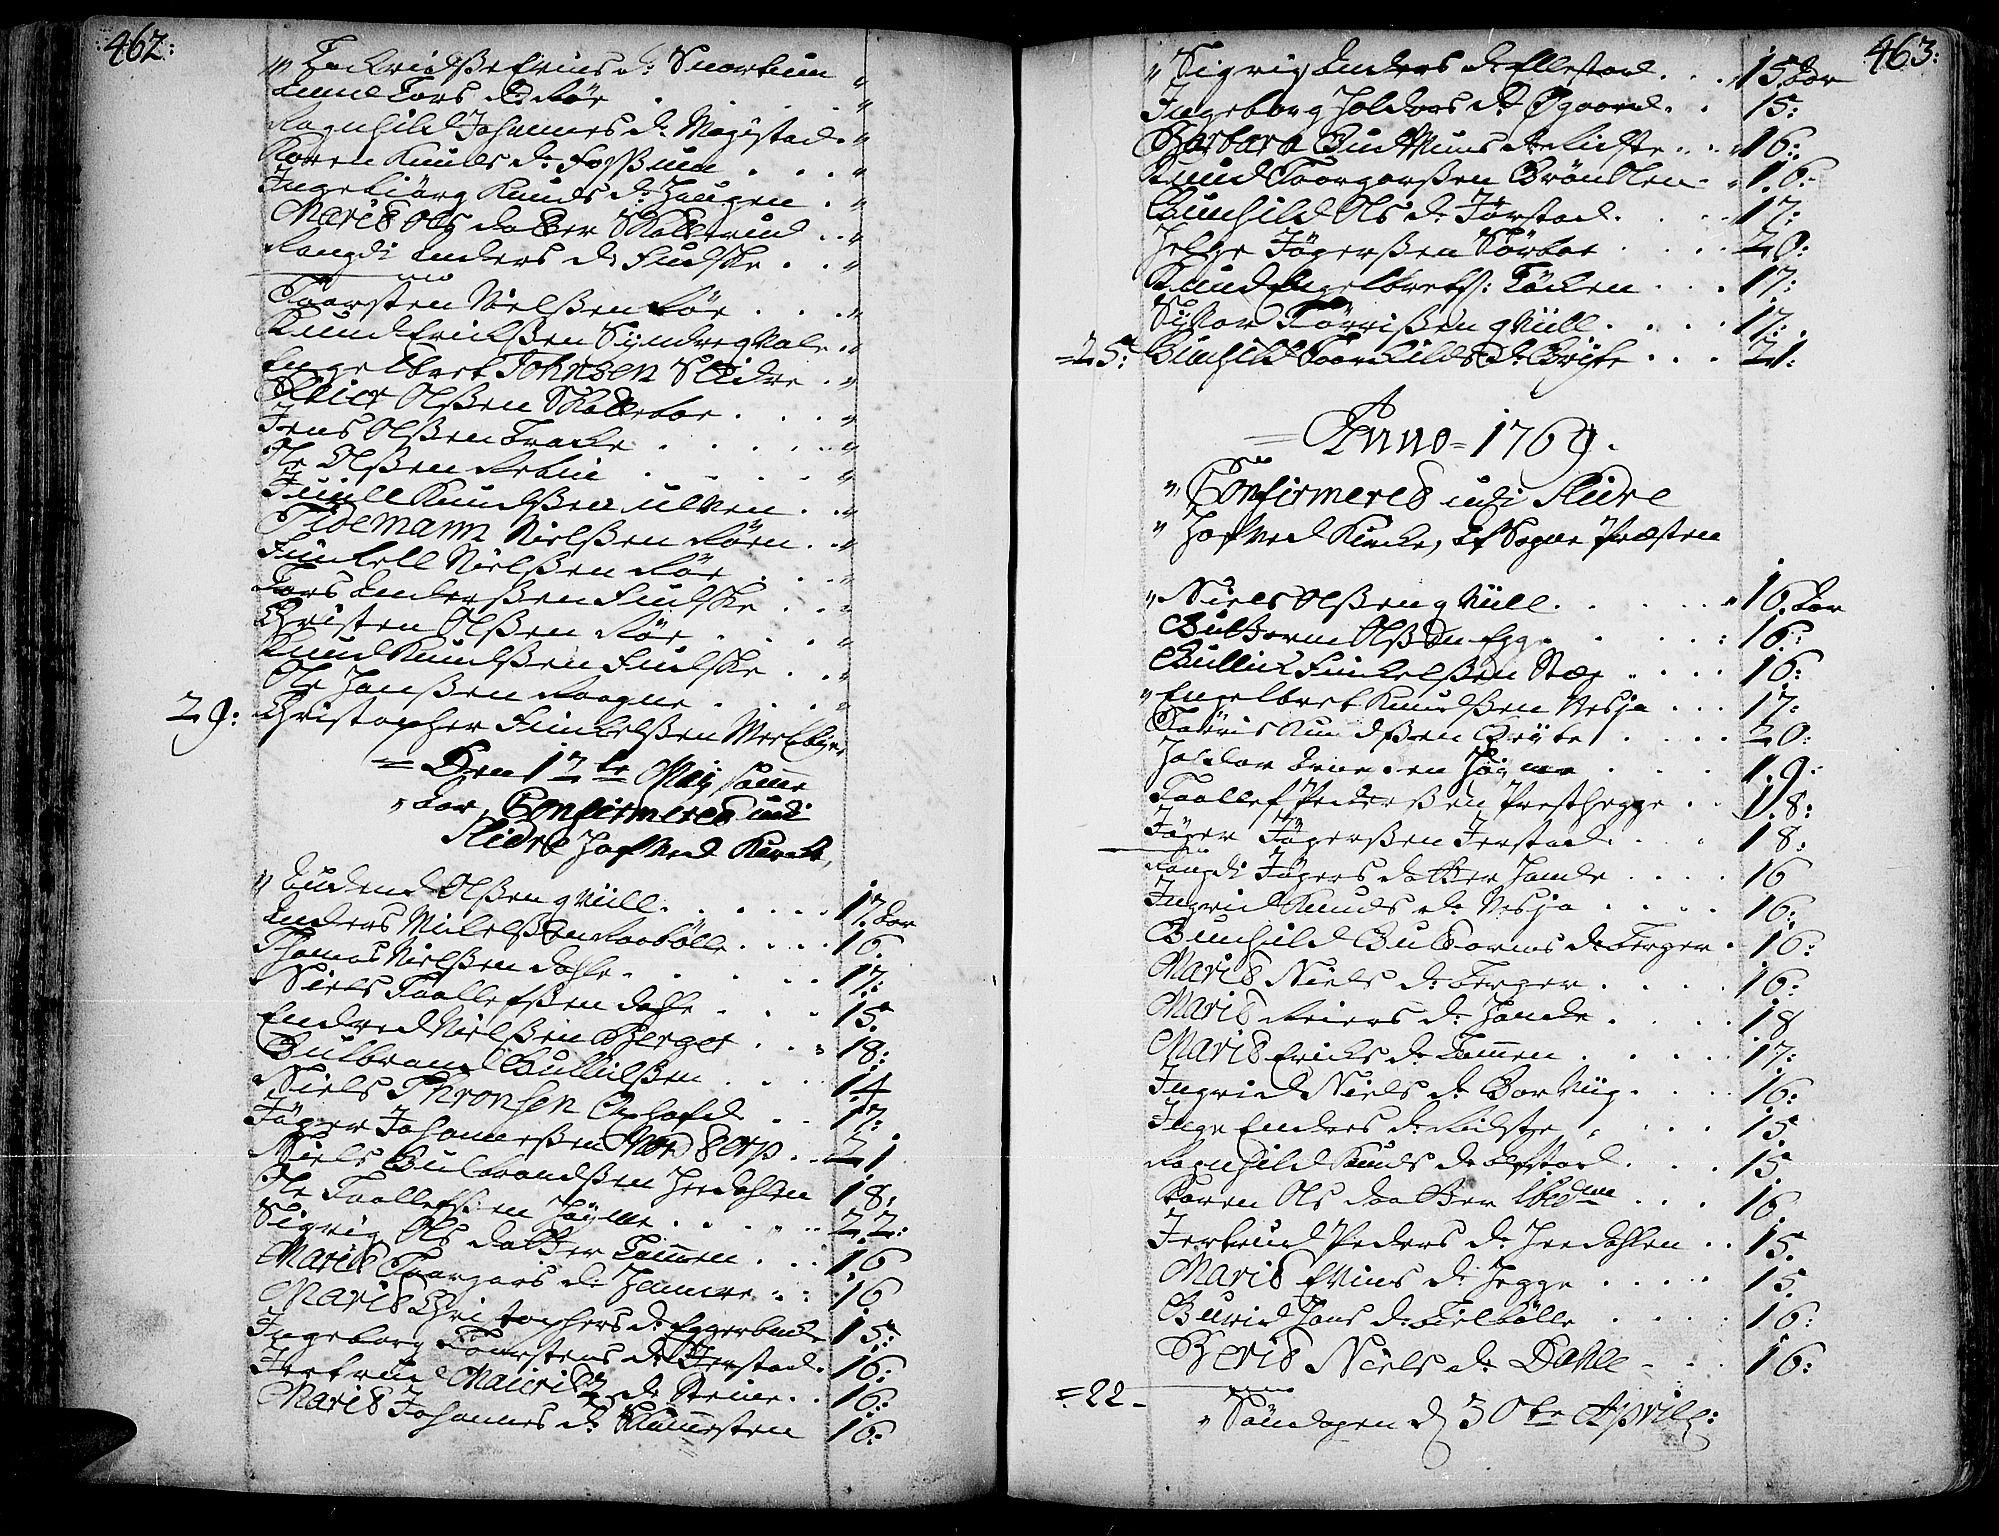 SAH, Slidre prestekontor, Ministerialbok nr. 1, 1724-1814, s. 462-463